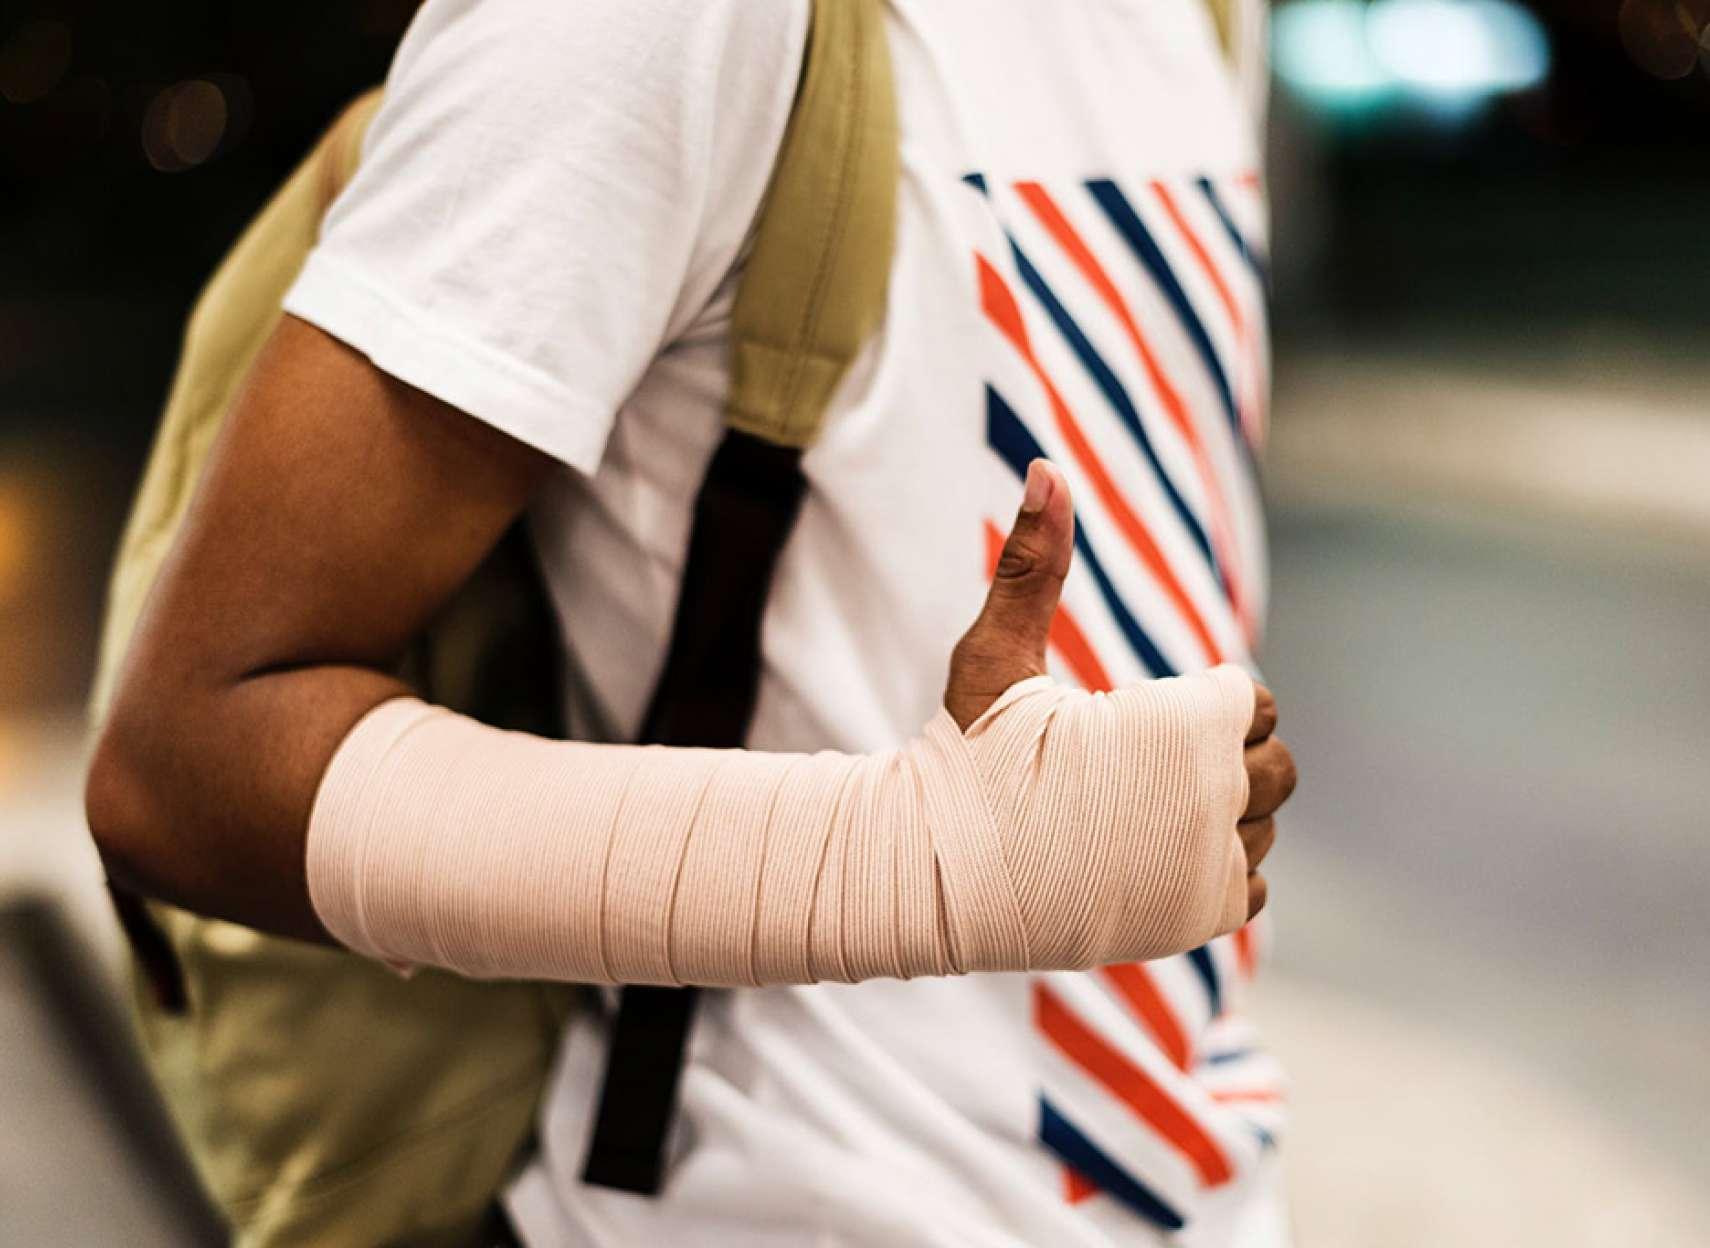 بیمه-رحیمیان-توصیههای-ایمنی-به-مناسبت-بازگشایی-مدارس